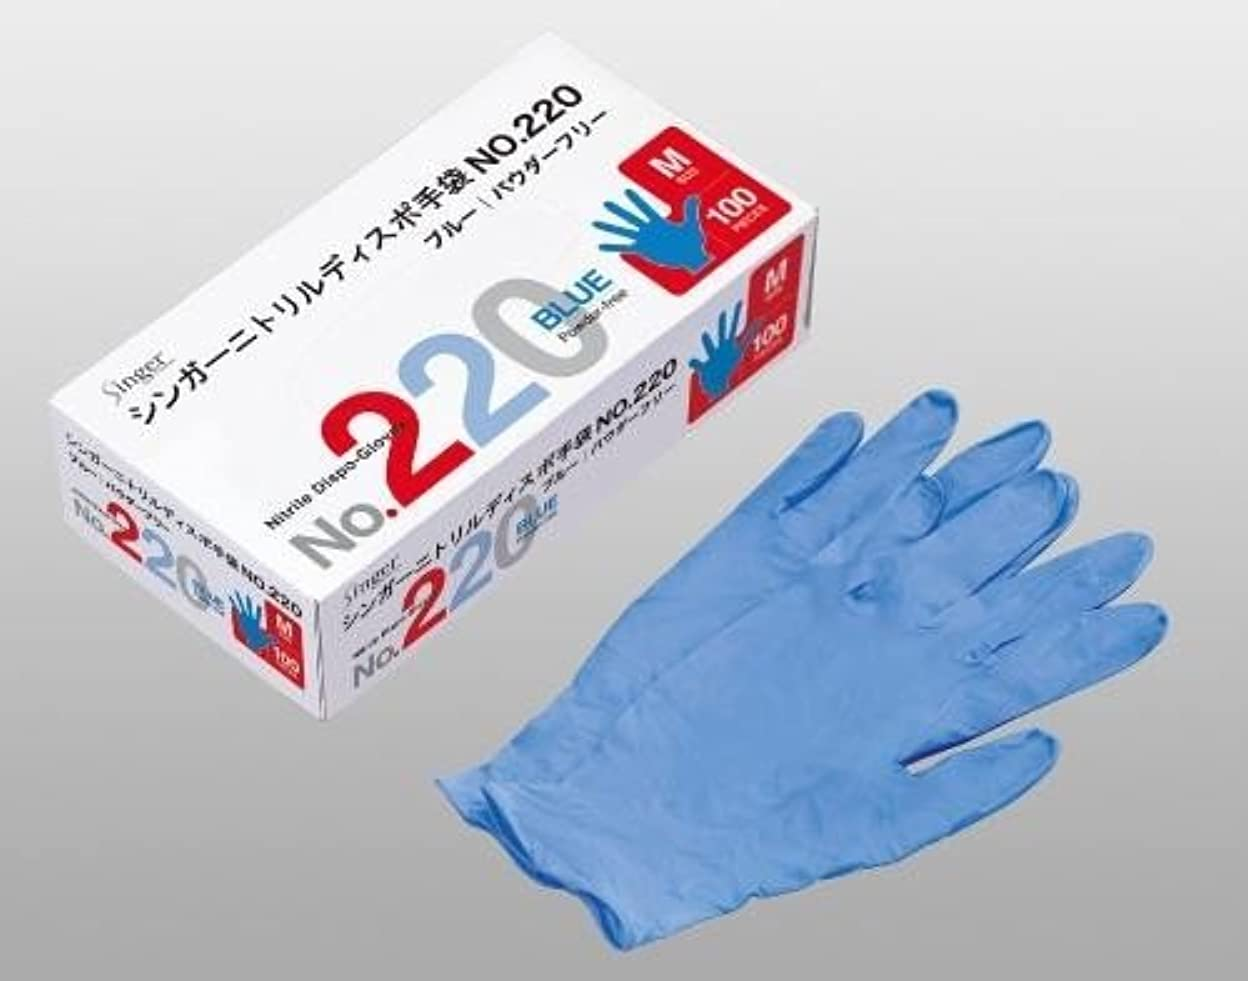 連想やさしい昆虫シンガーニトリルディスポ手袋 No.220 ブルー パウダーフリー(100枚) M